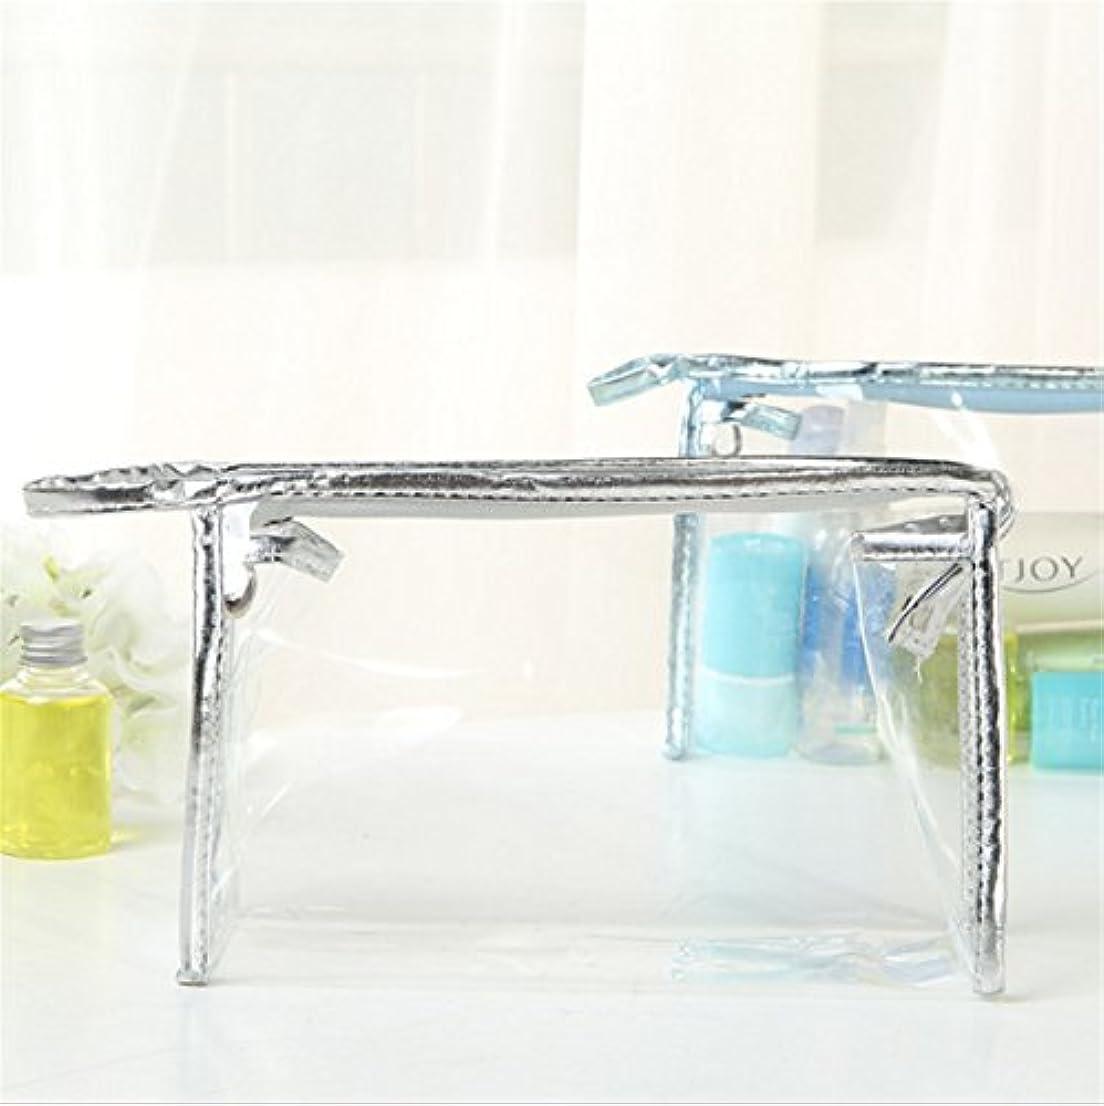 収縮学ぶさせるHonel 透明 ビニール バッグ スクエア 化粧 ポーチ 小物収納 透明洗面具トラベル防水収納ポーチ バッグ 収納ケース